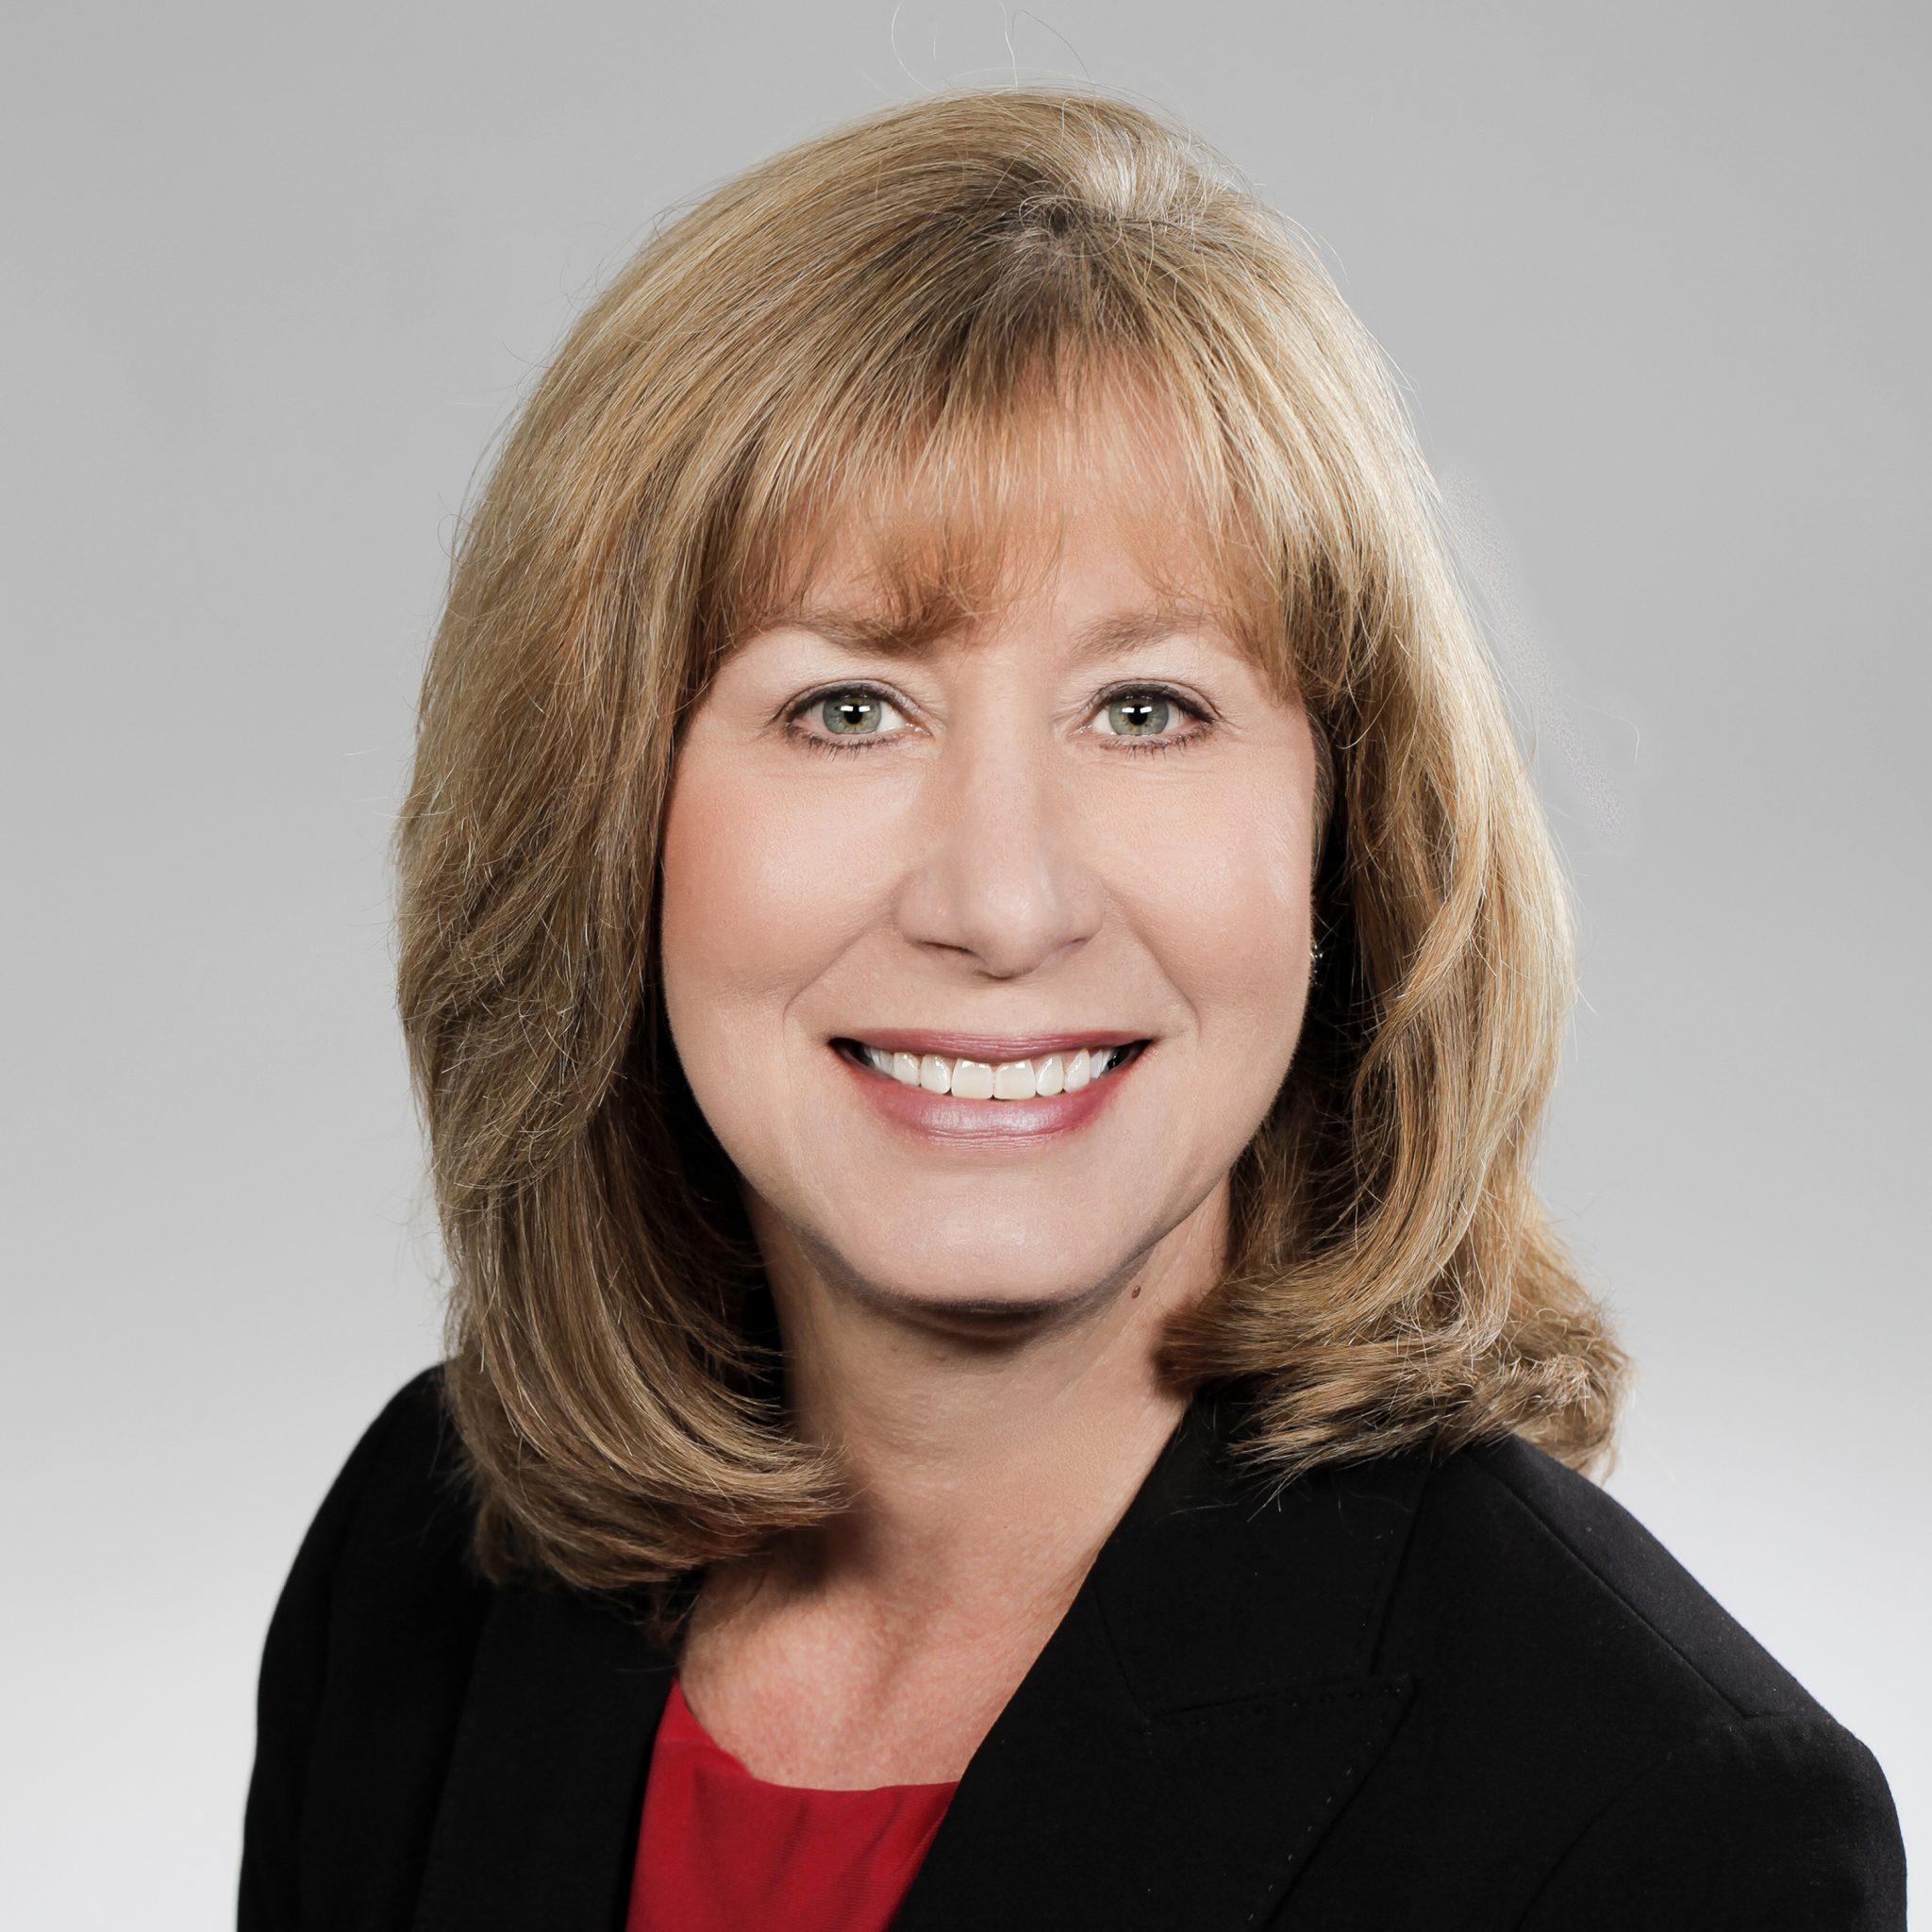 Cindy Whelan